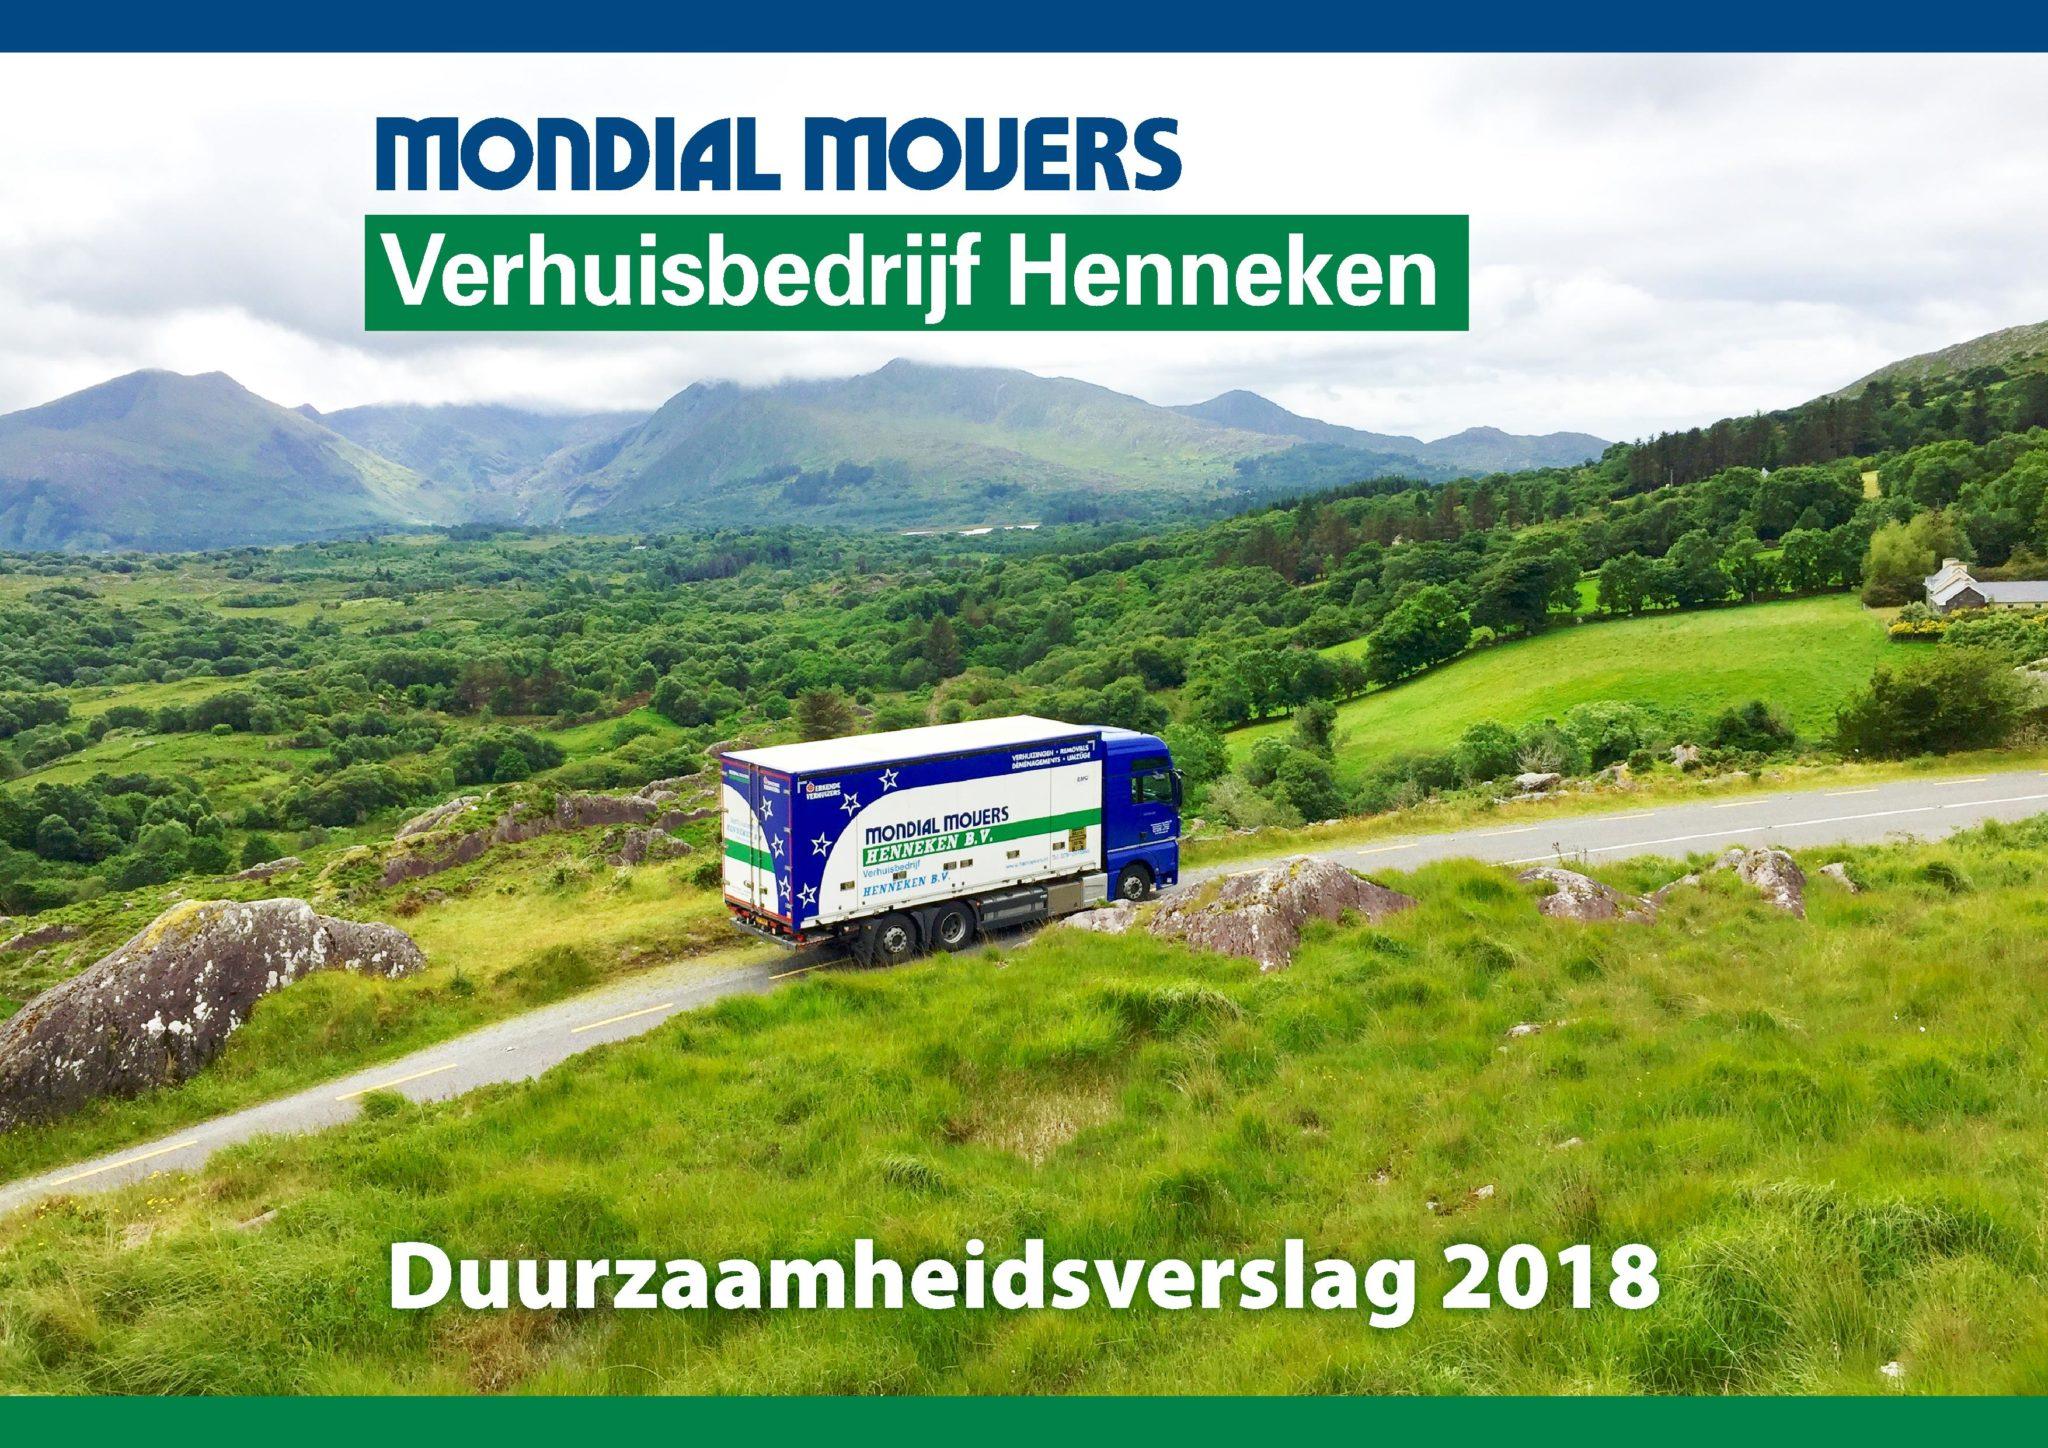 Duurzaamheidsverslag Henneken 2018